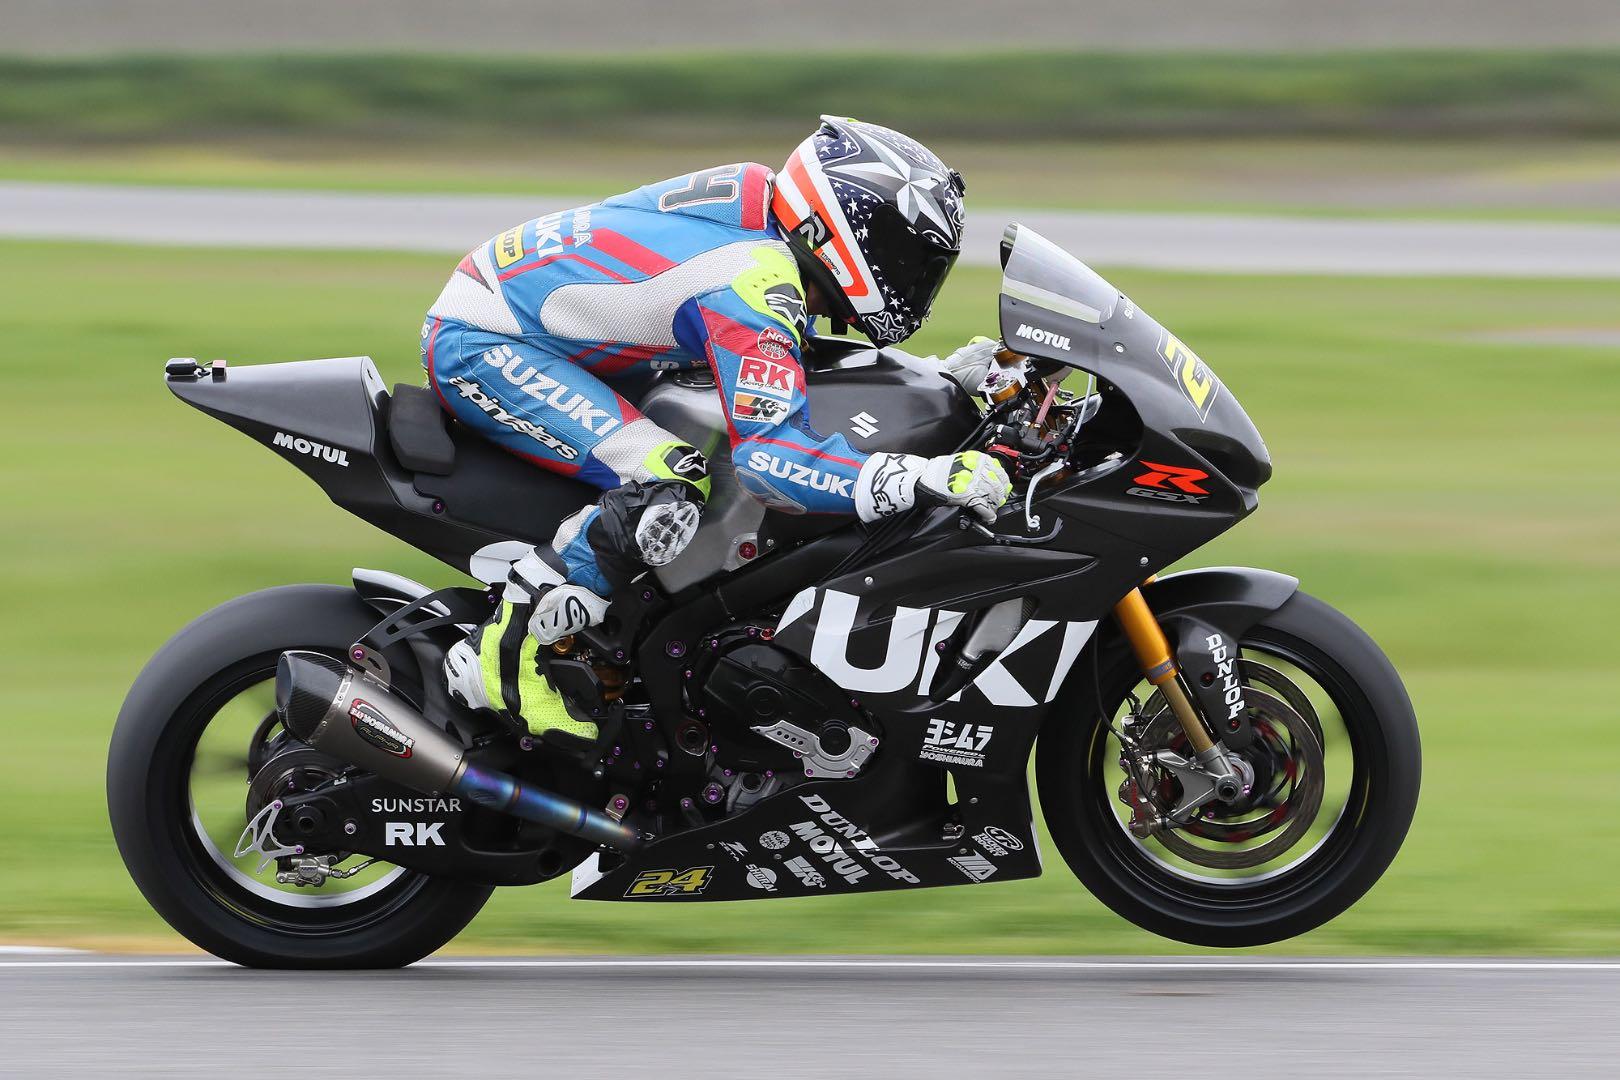 2017 Thunderhill MotoAmerica Testing: Suzuki's Elias Fastest